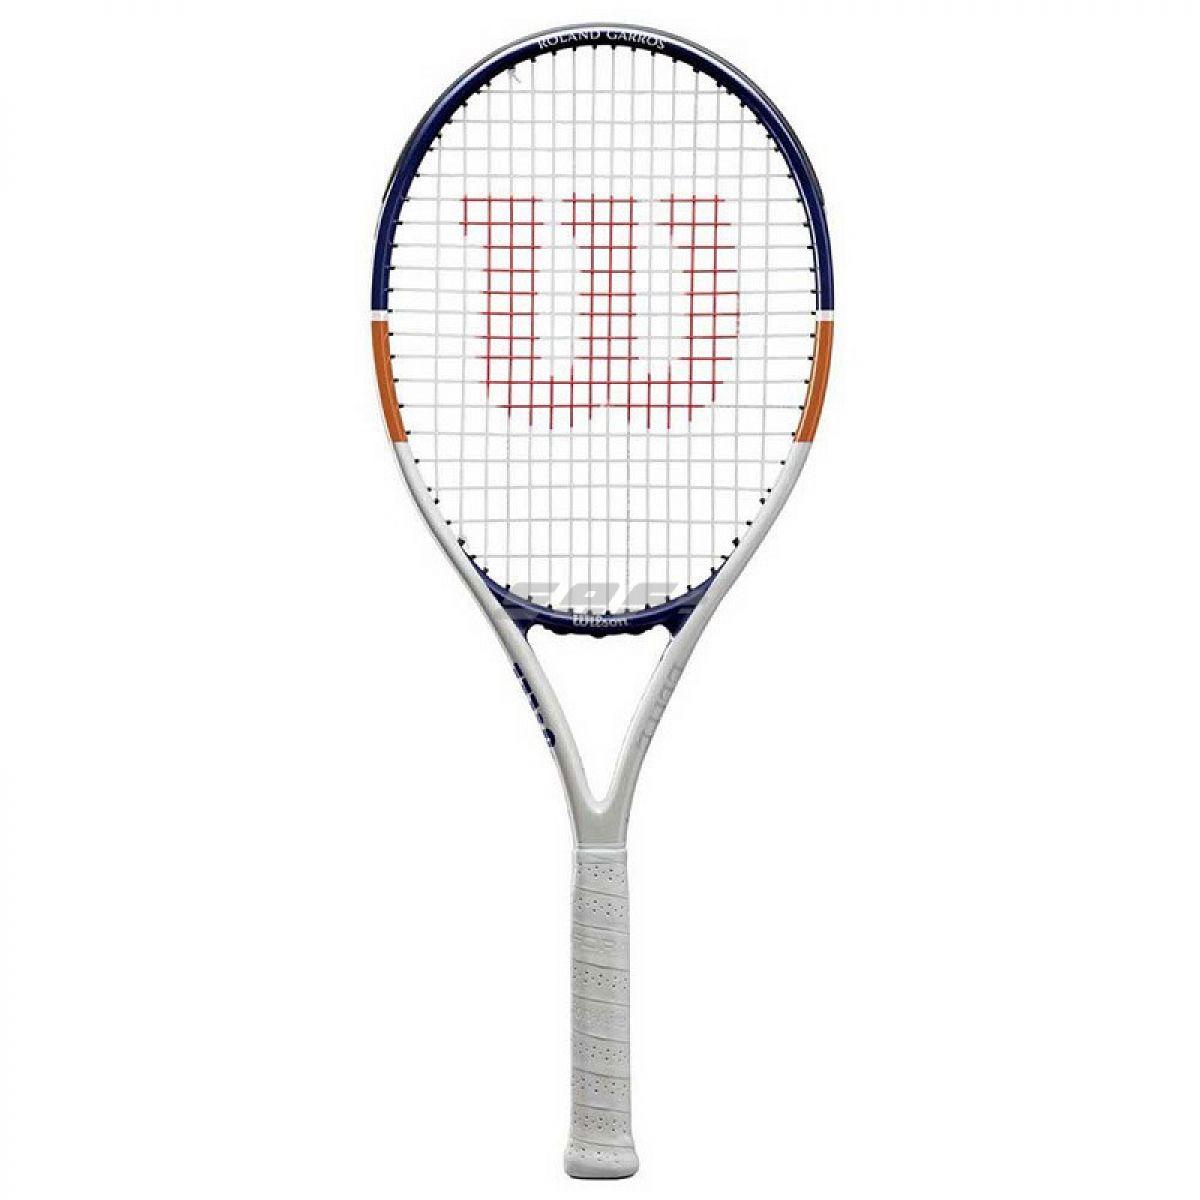 Ракетка теннисная Ракетка б/т Wilson Roland Garros Elite 23, арт. WR038810H, для 7-8лет,алюминий,со струн, бел-син-ор